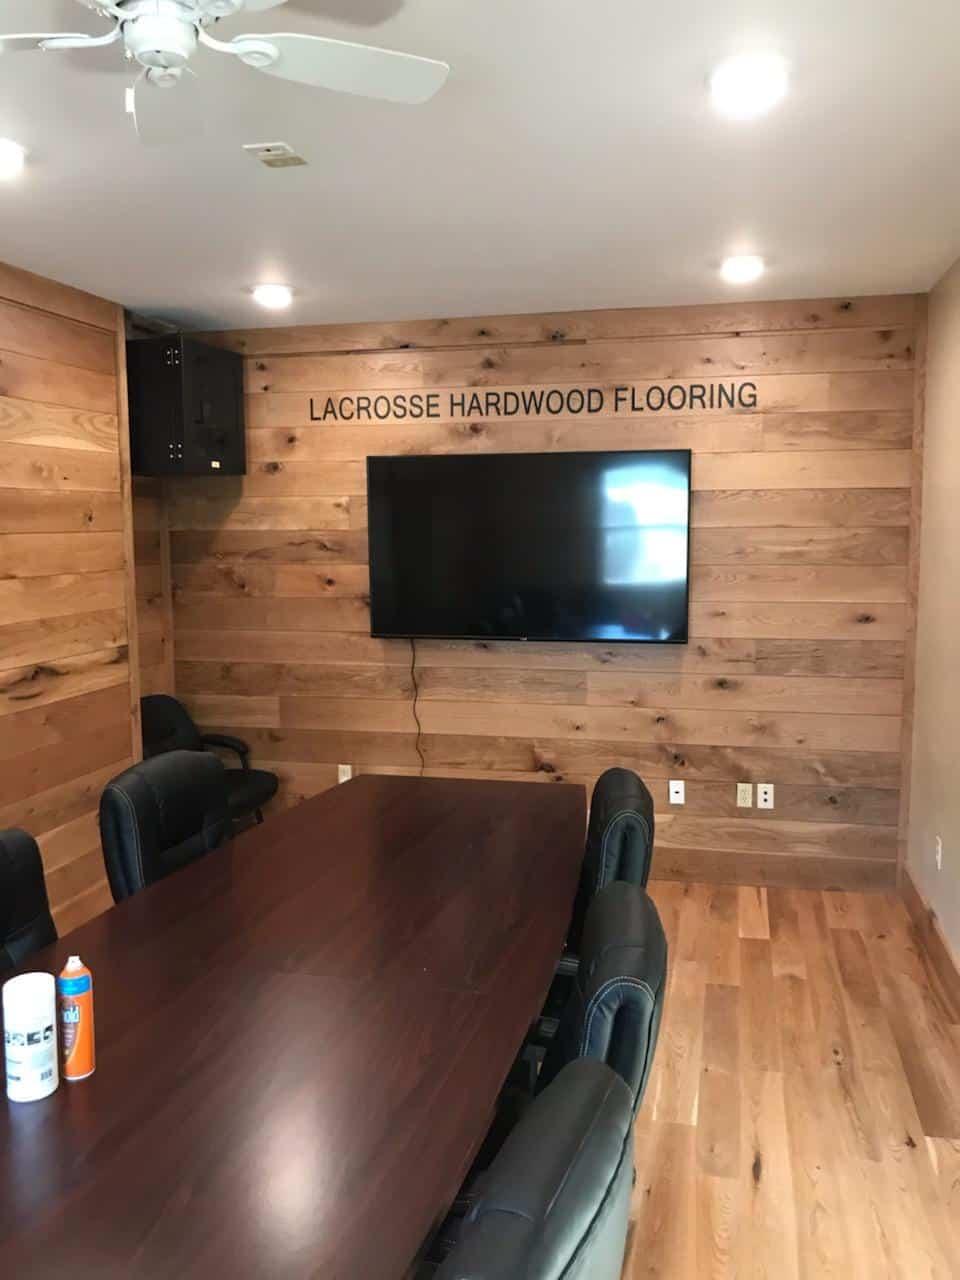 Lacrosse Hardwood Flooring Completes New Customer